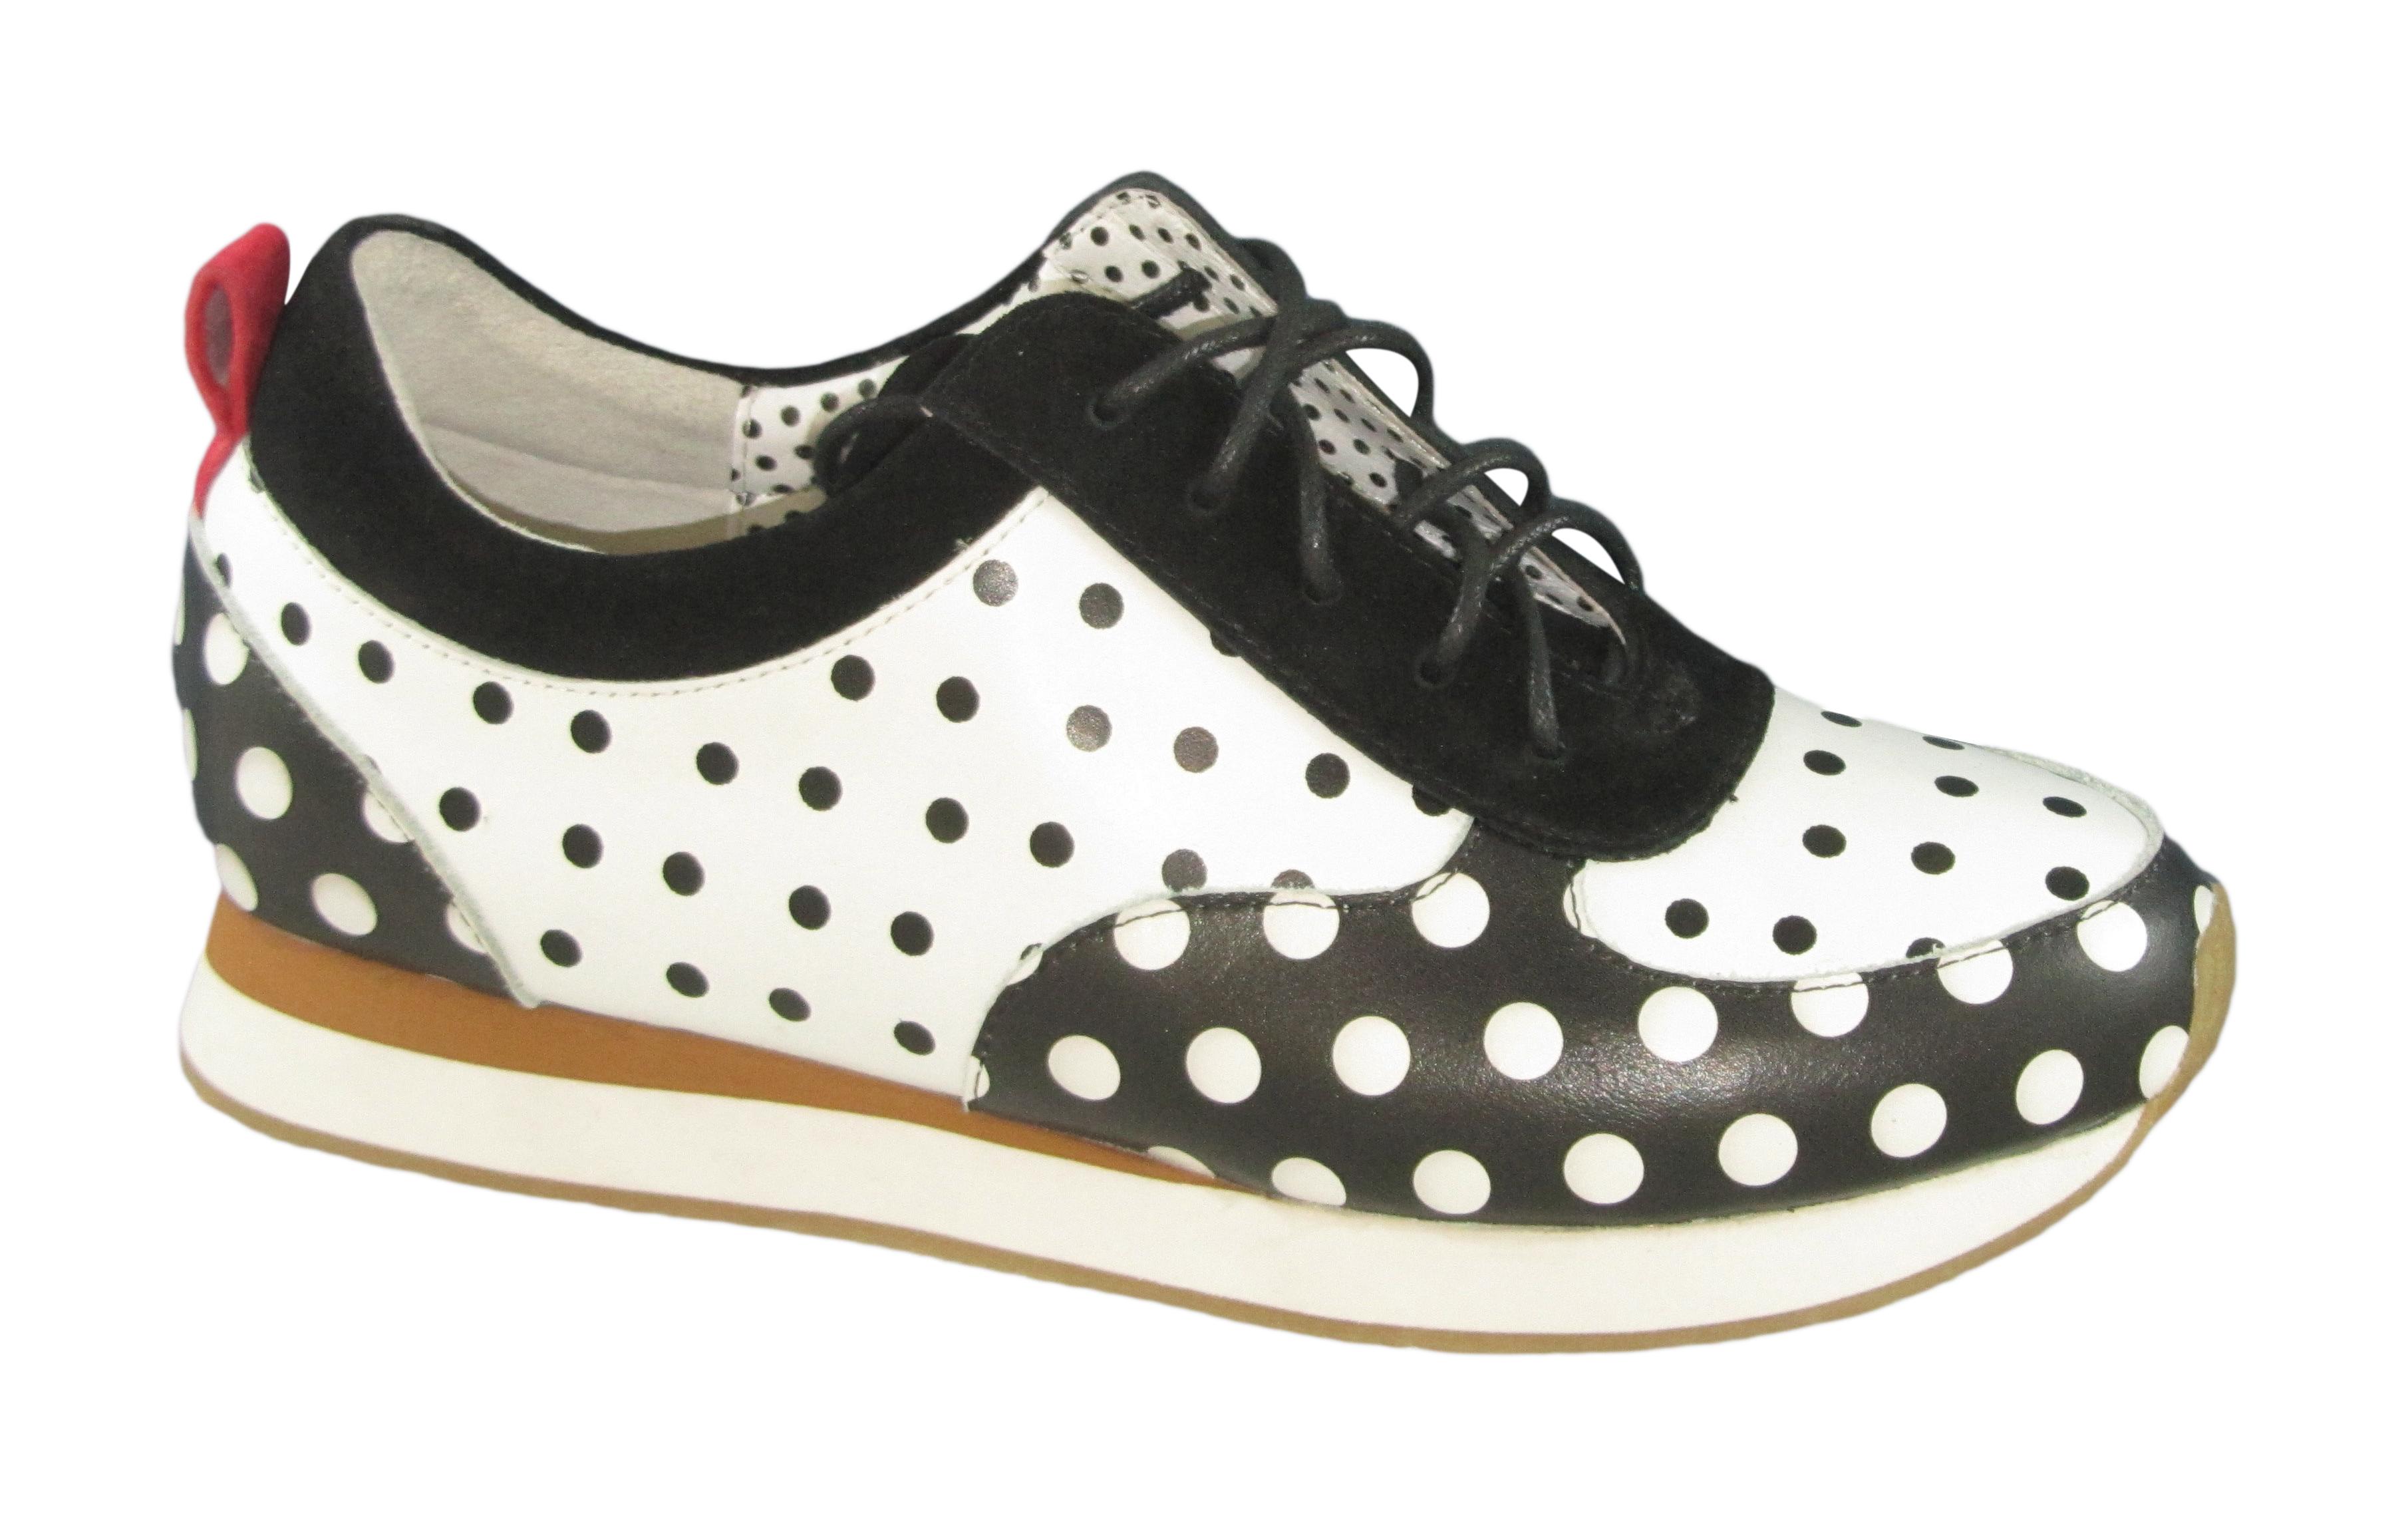 Bees Knees 1 - Brands-Minx : Ultra Shoes - Minx s19